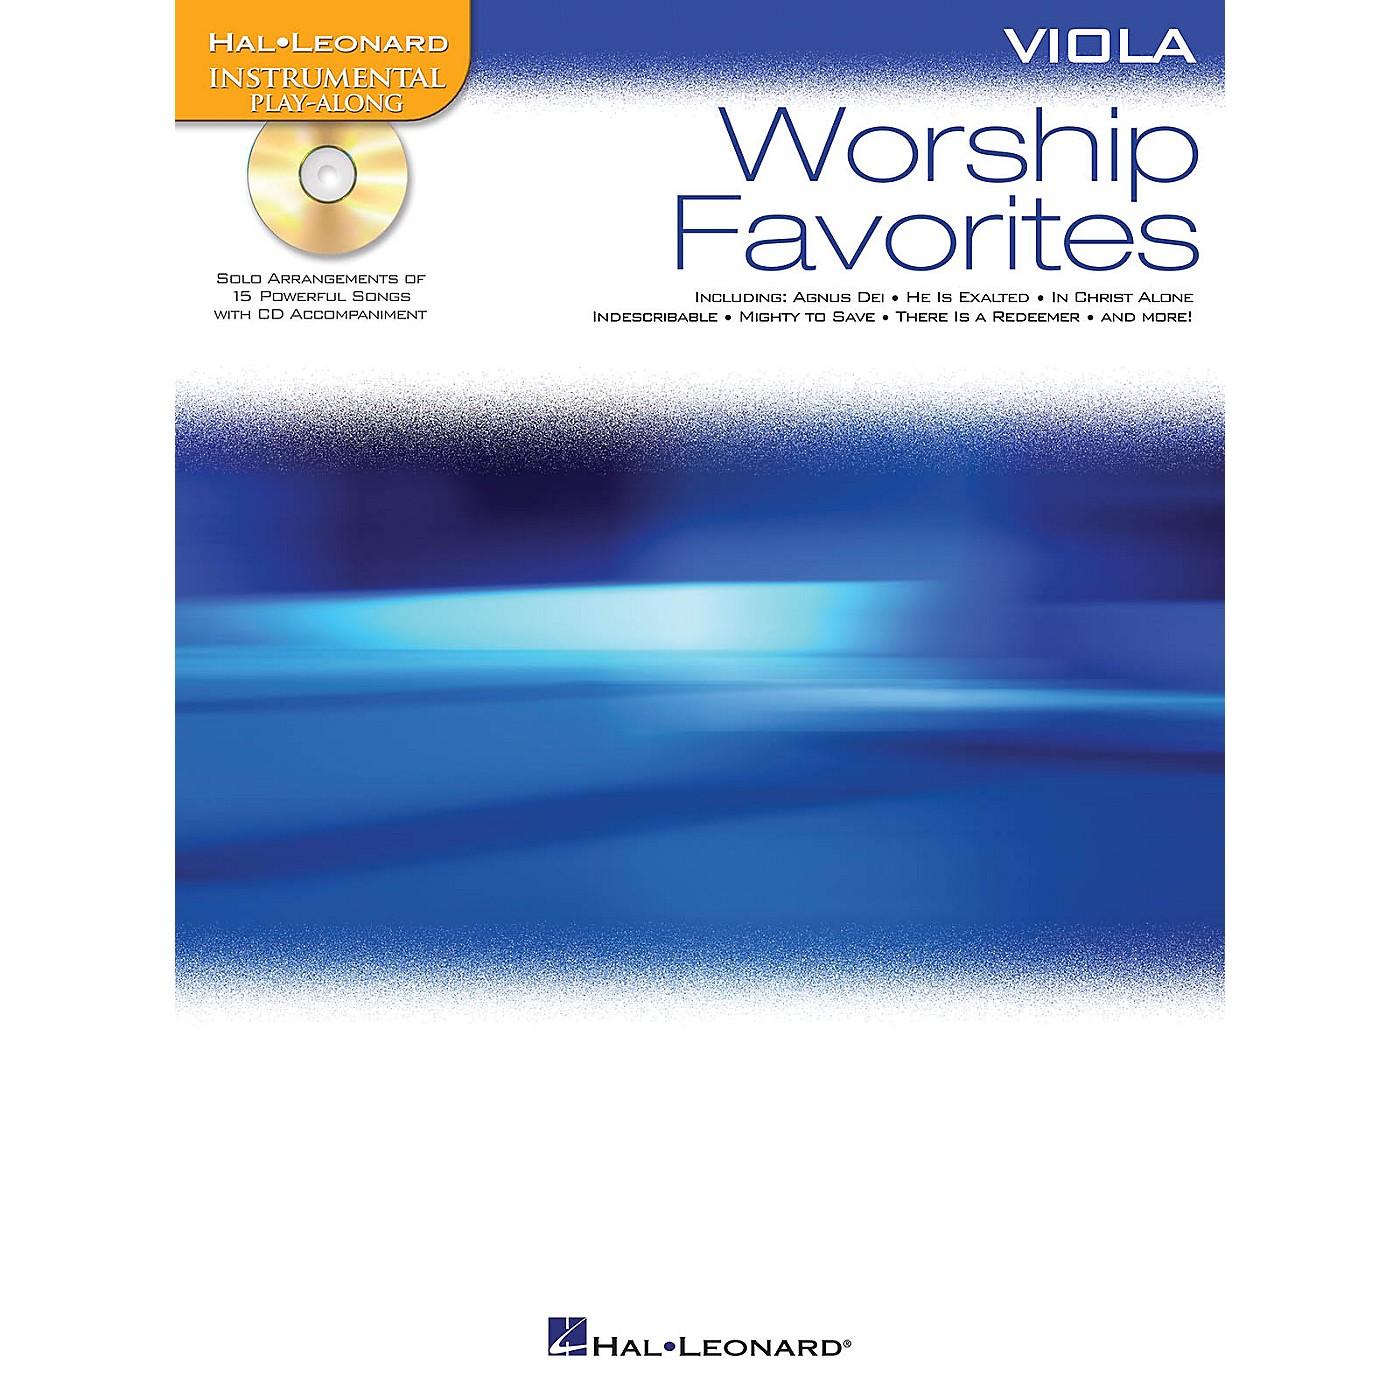 Hal Leonard Worship Favorites (Instrumental Play-Along for Viola) Instrumental Play-Along Series Softcover with CD thumbnail